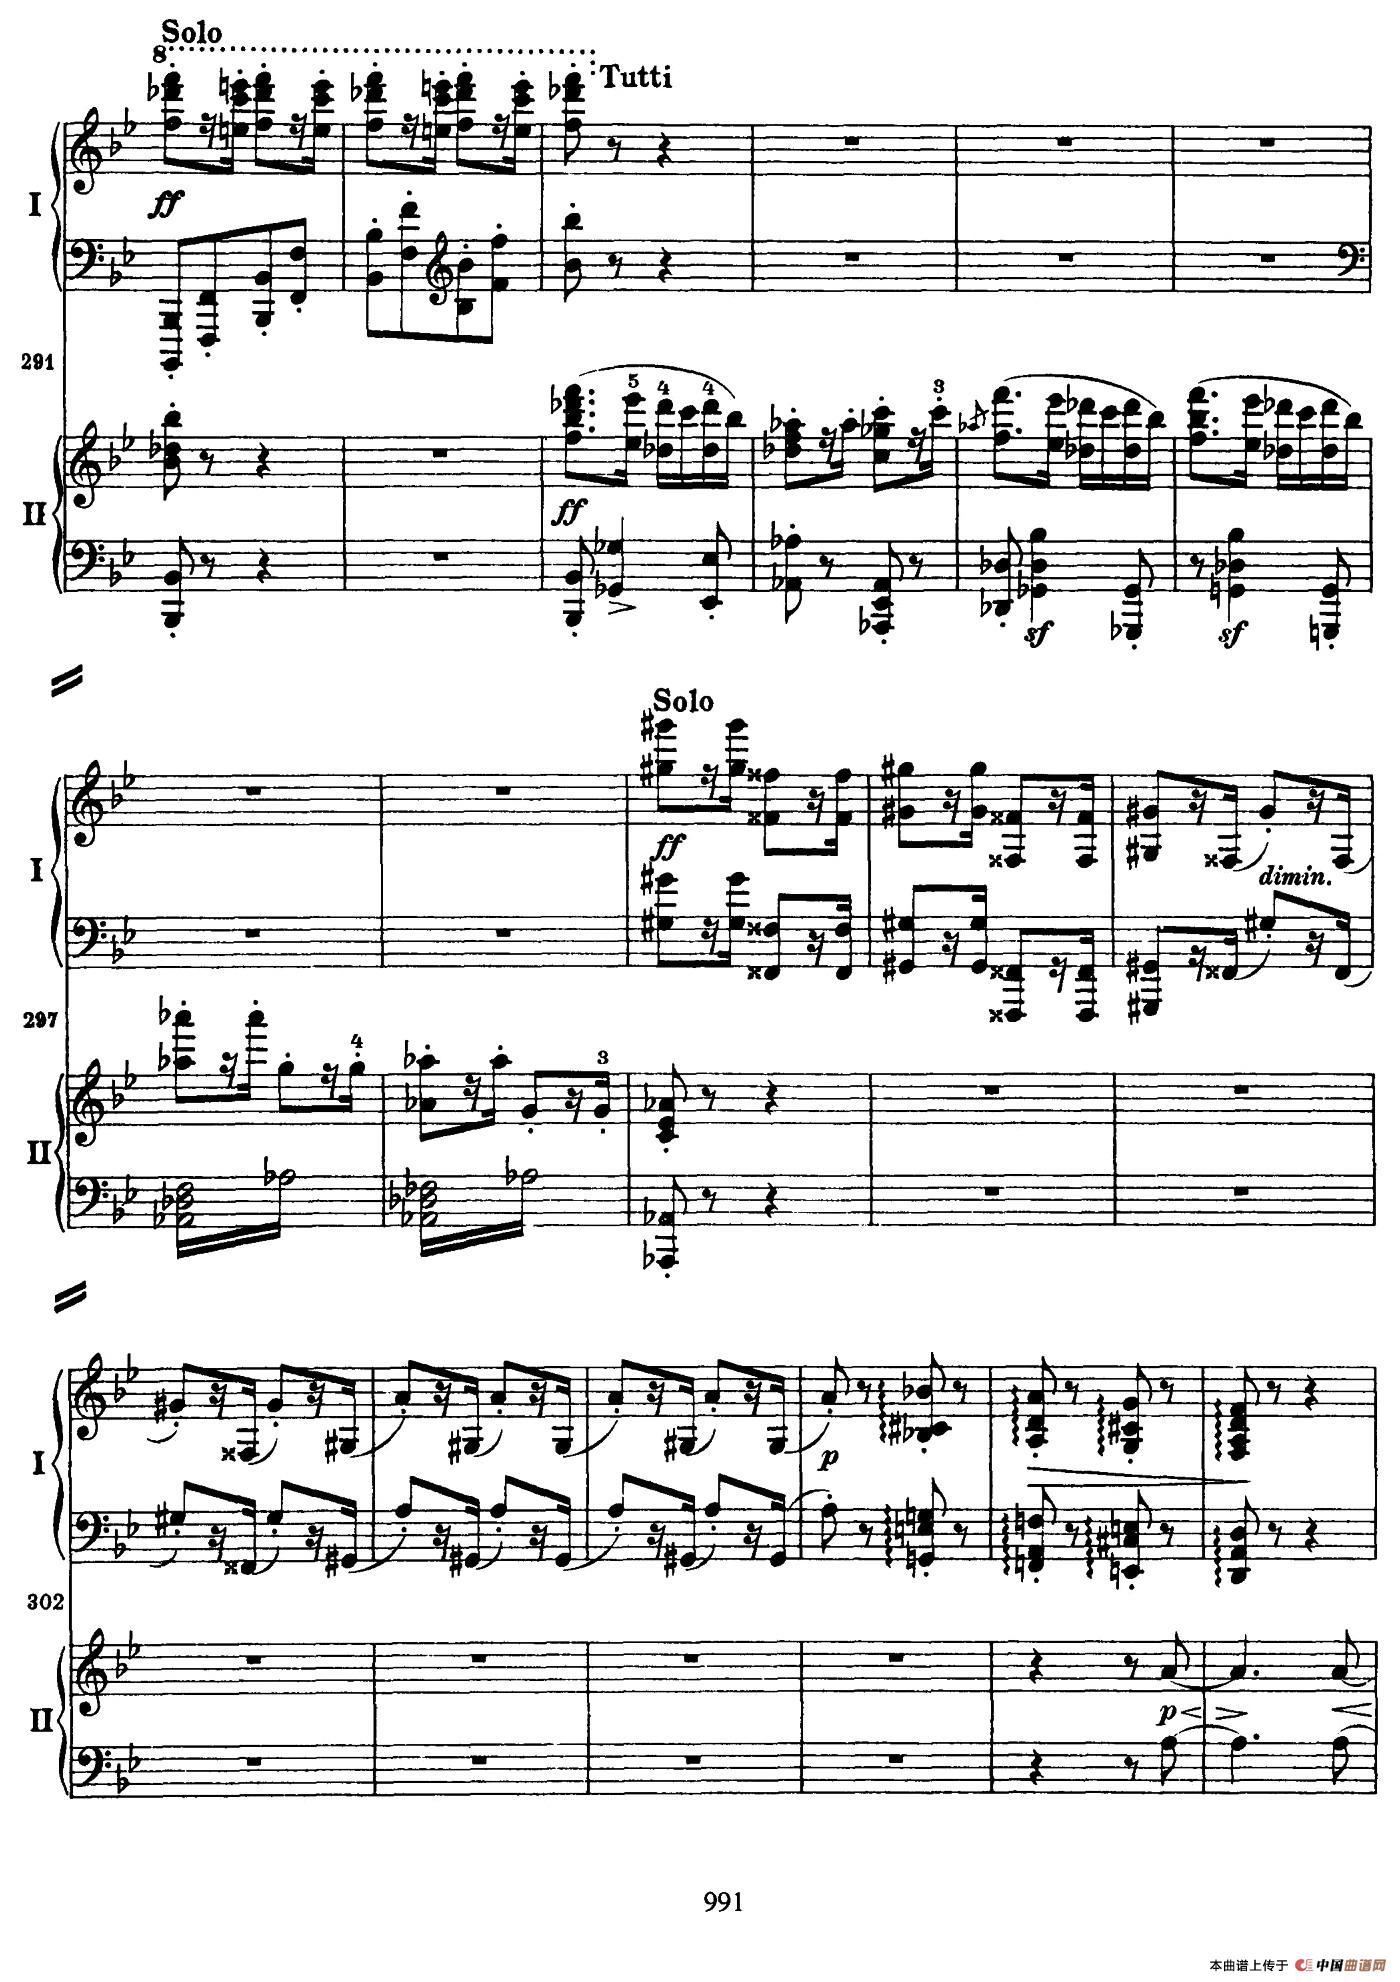 降B大调第二钢琴协奏曲(P91――104)(1)_原文件名:093.jpg